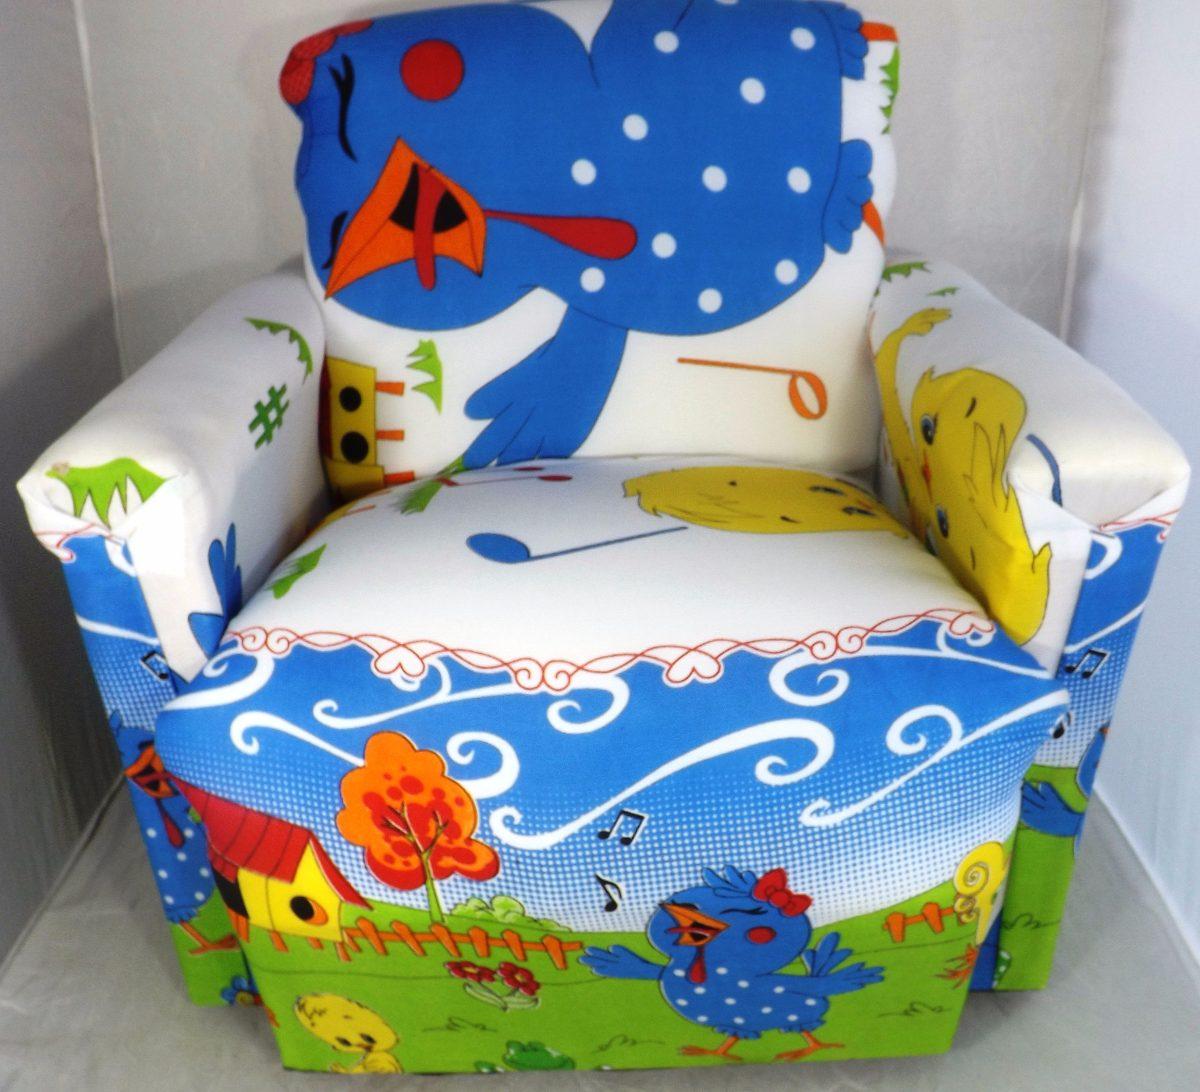 Mini Sofa Infantil Poltronas Sofazinho Cadeira Peppa